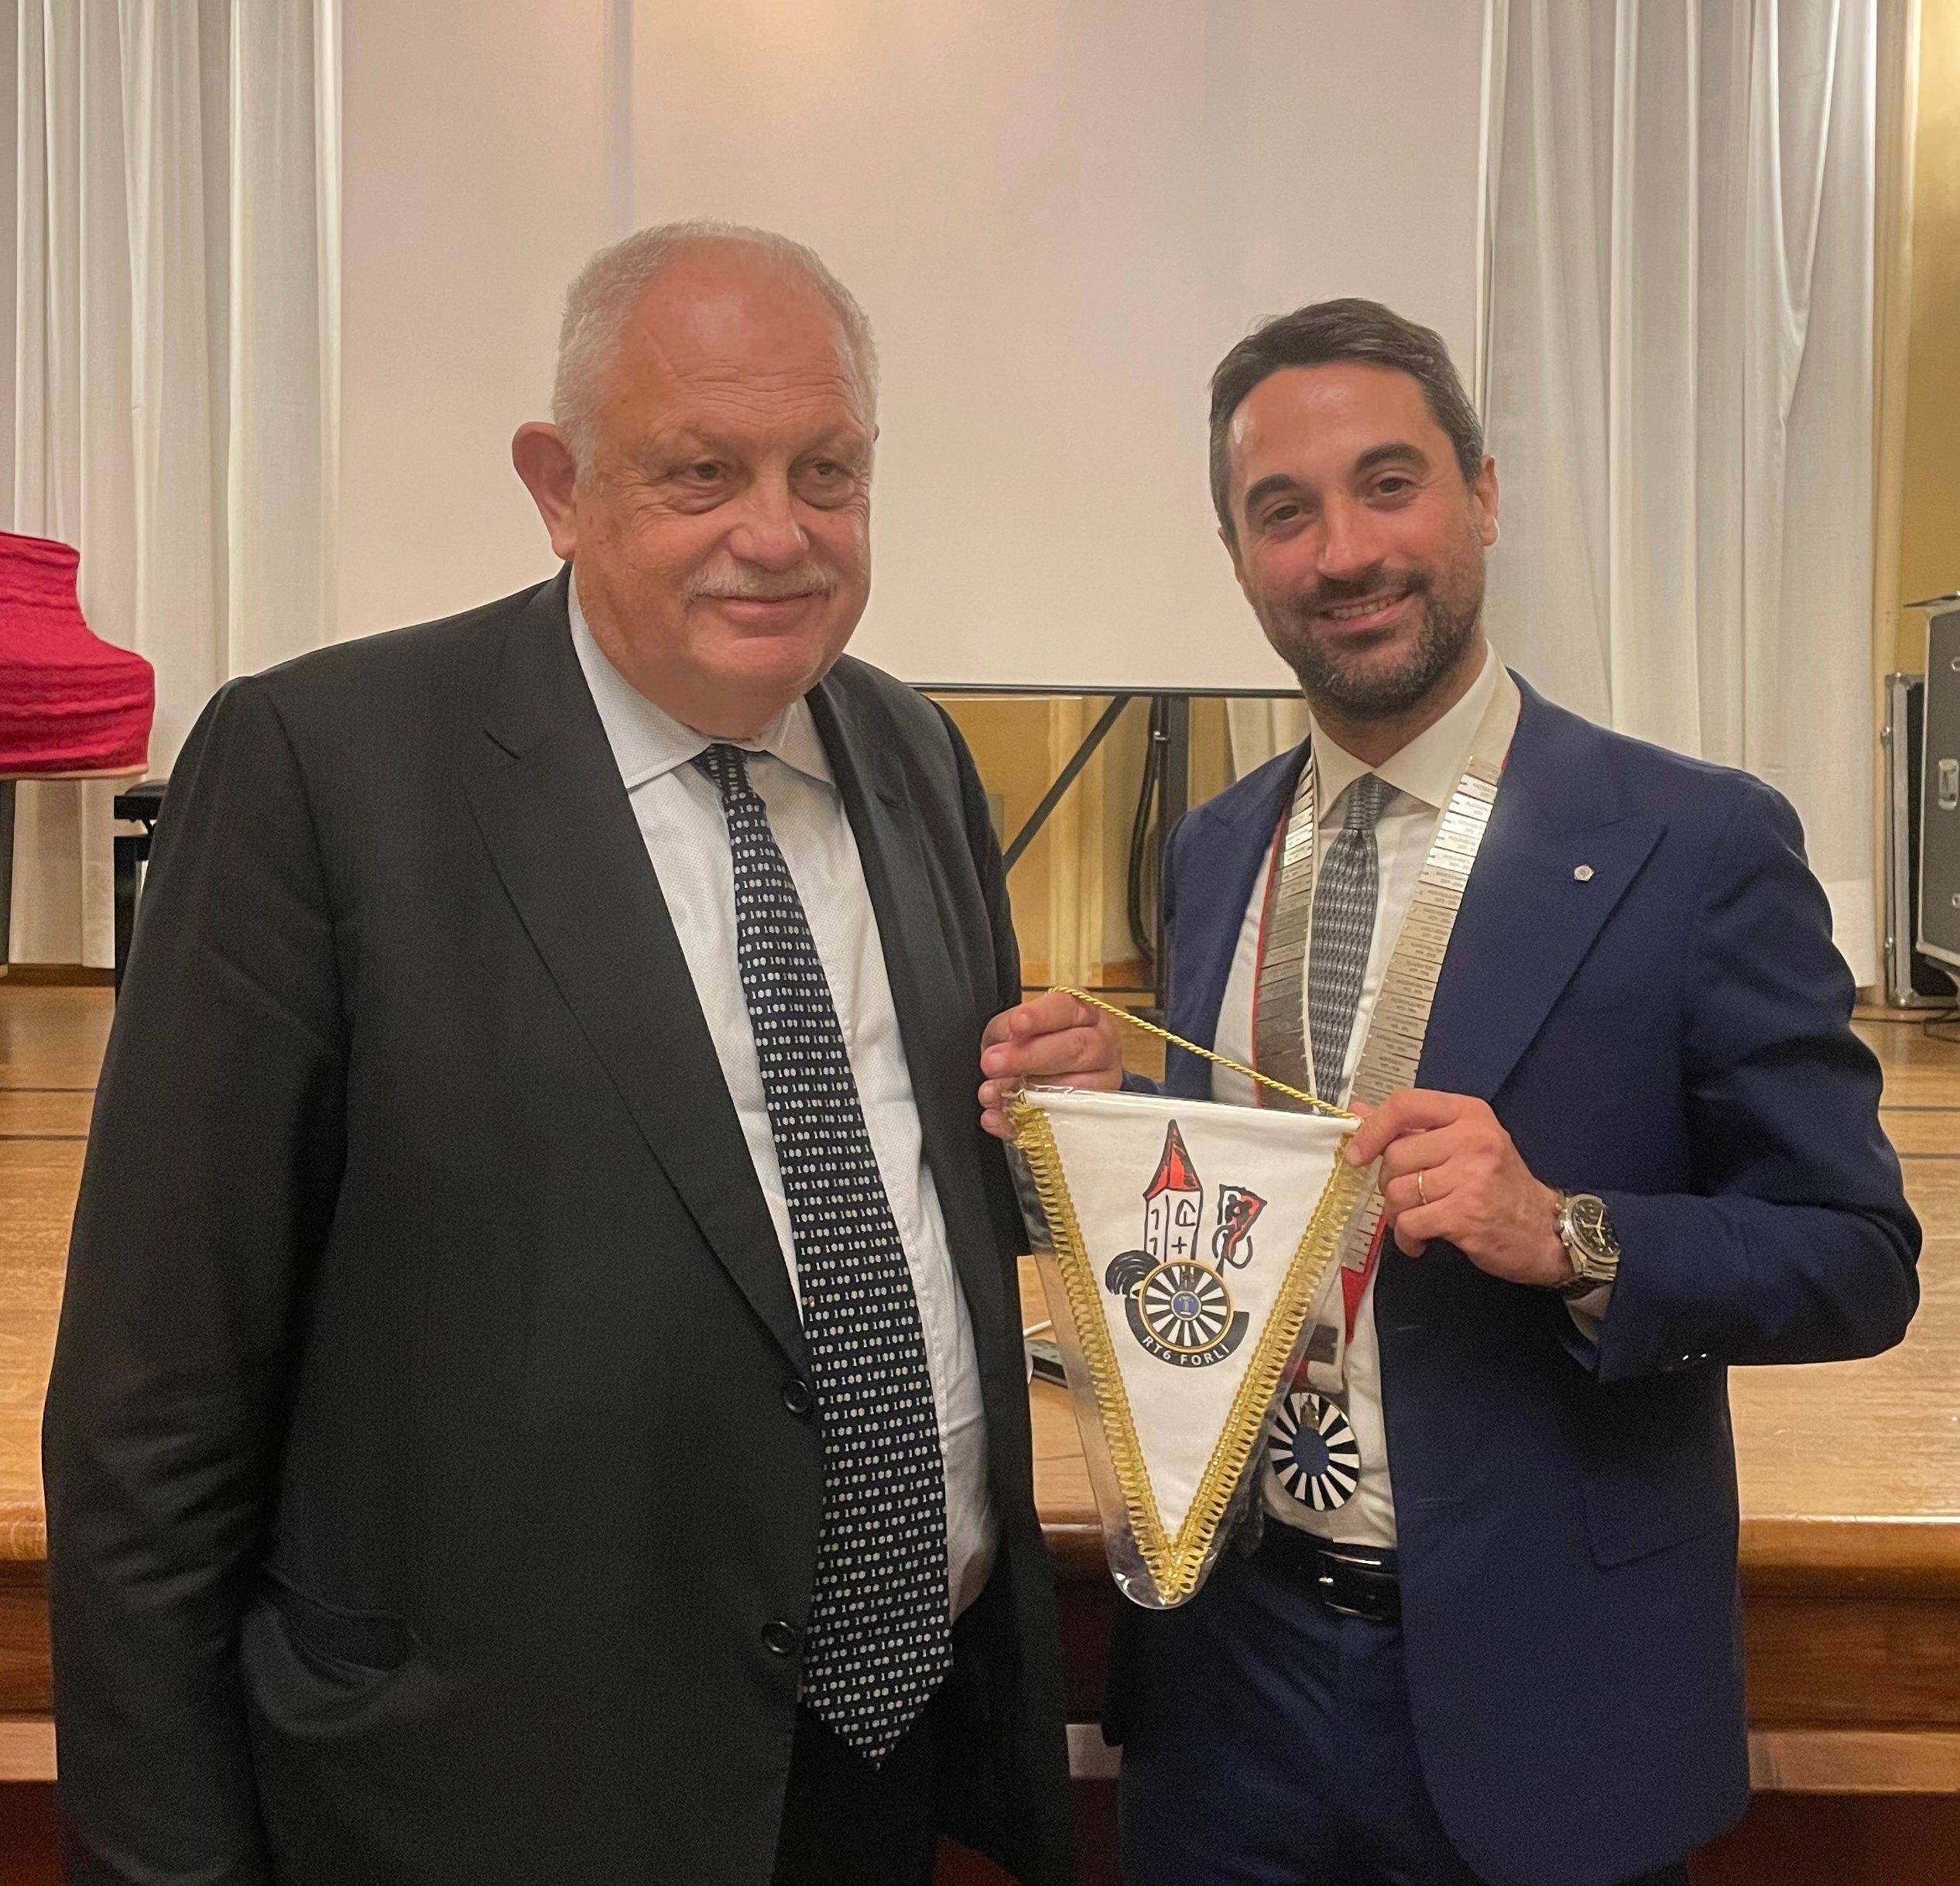 Giancarlo Mazzuca con il presidente RT6 Federico Fabbri